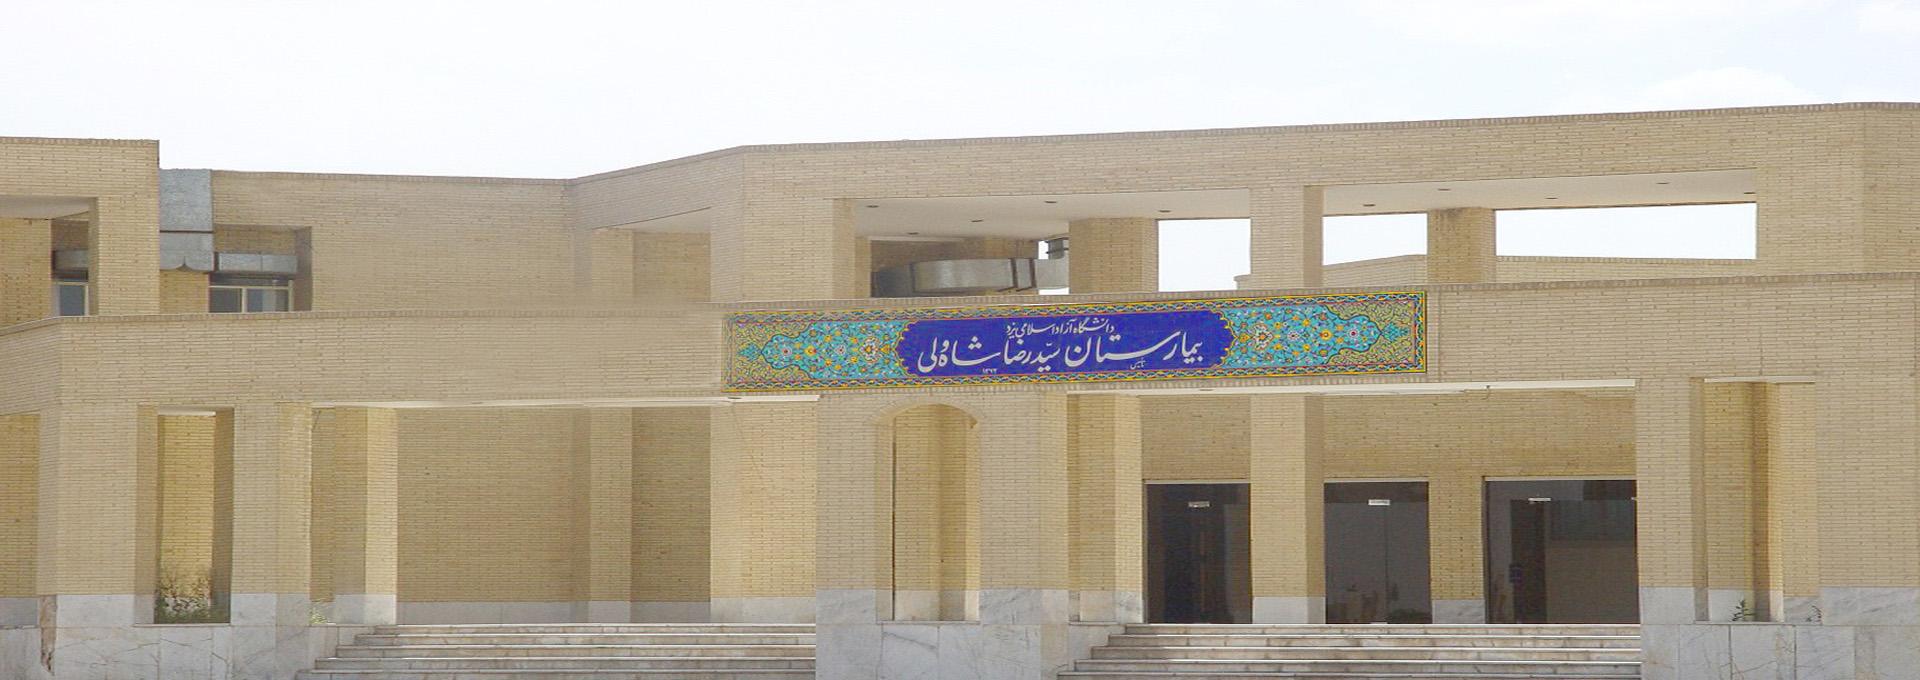 بیمارستان سیدرضا شاه ولی یزد